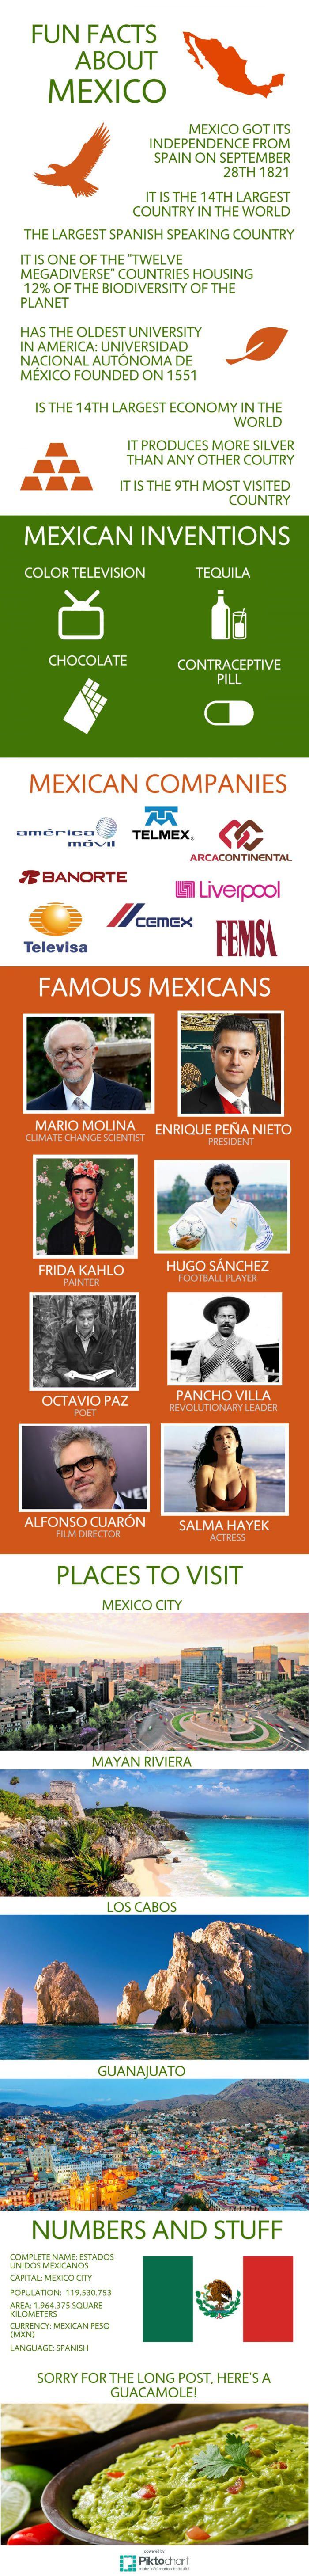 Fun facts about Mexico... Fuk Mexico